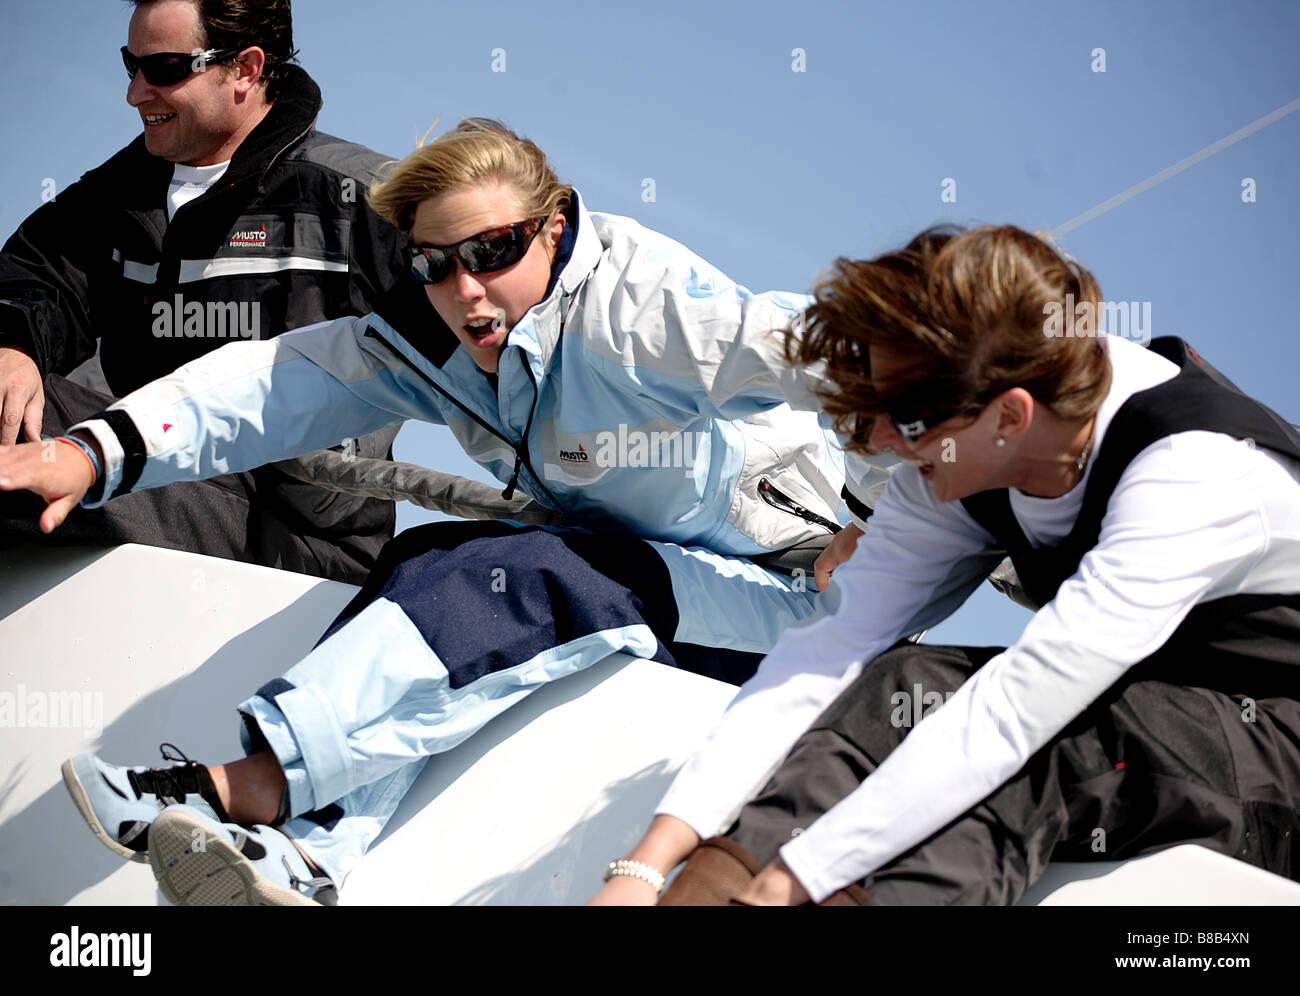 3 Erwachsene, 2 Frau und 1 Mann beugte sich über den Rand einer Yacht während des Rennens. Das Bild ist Stockbild